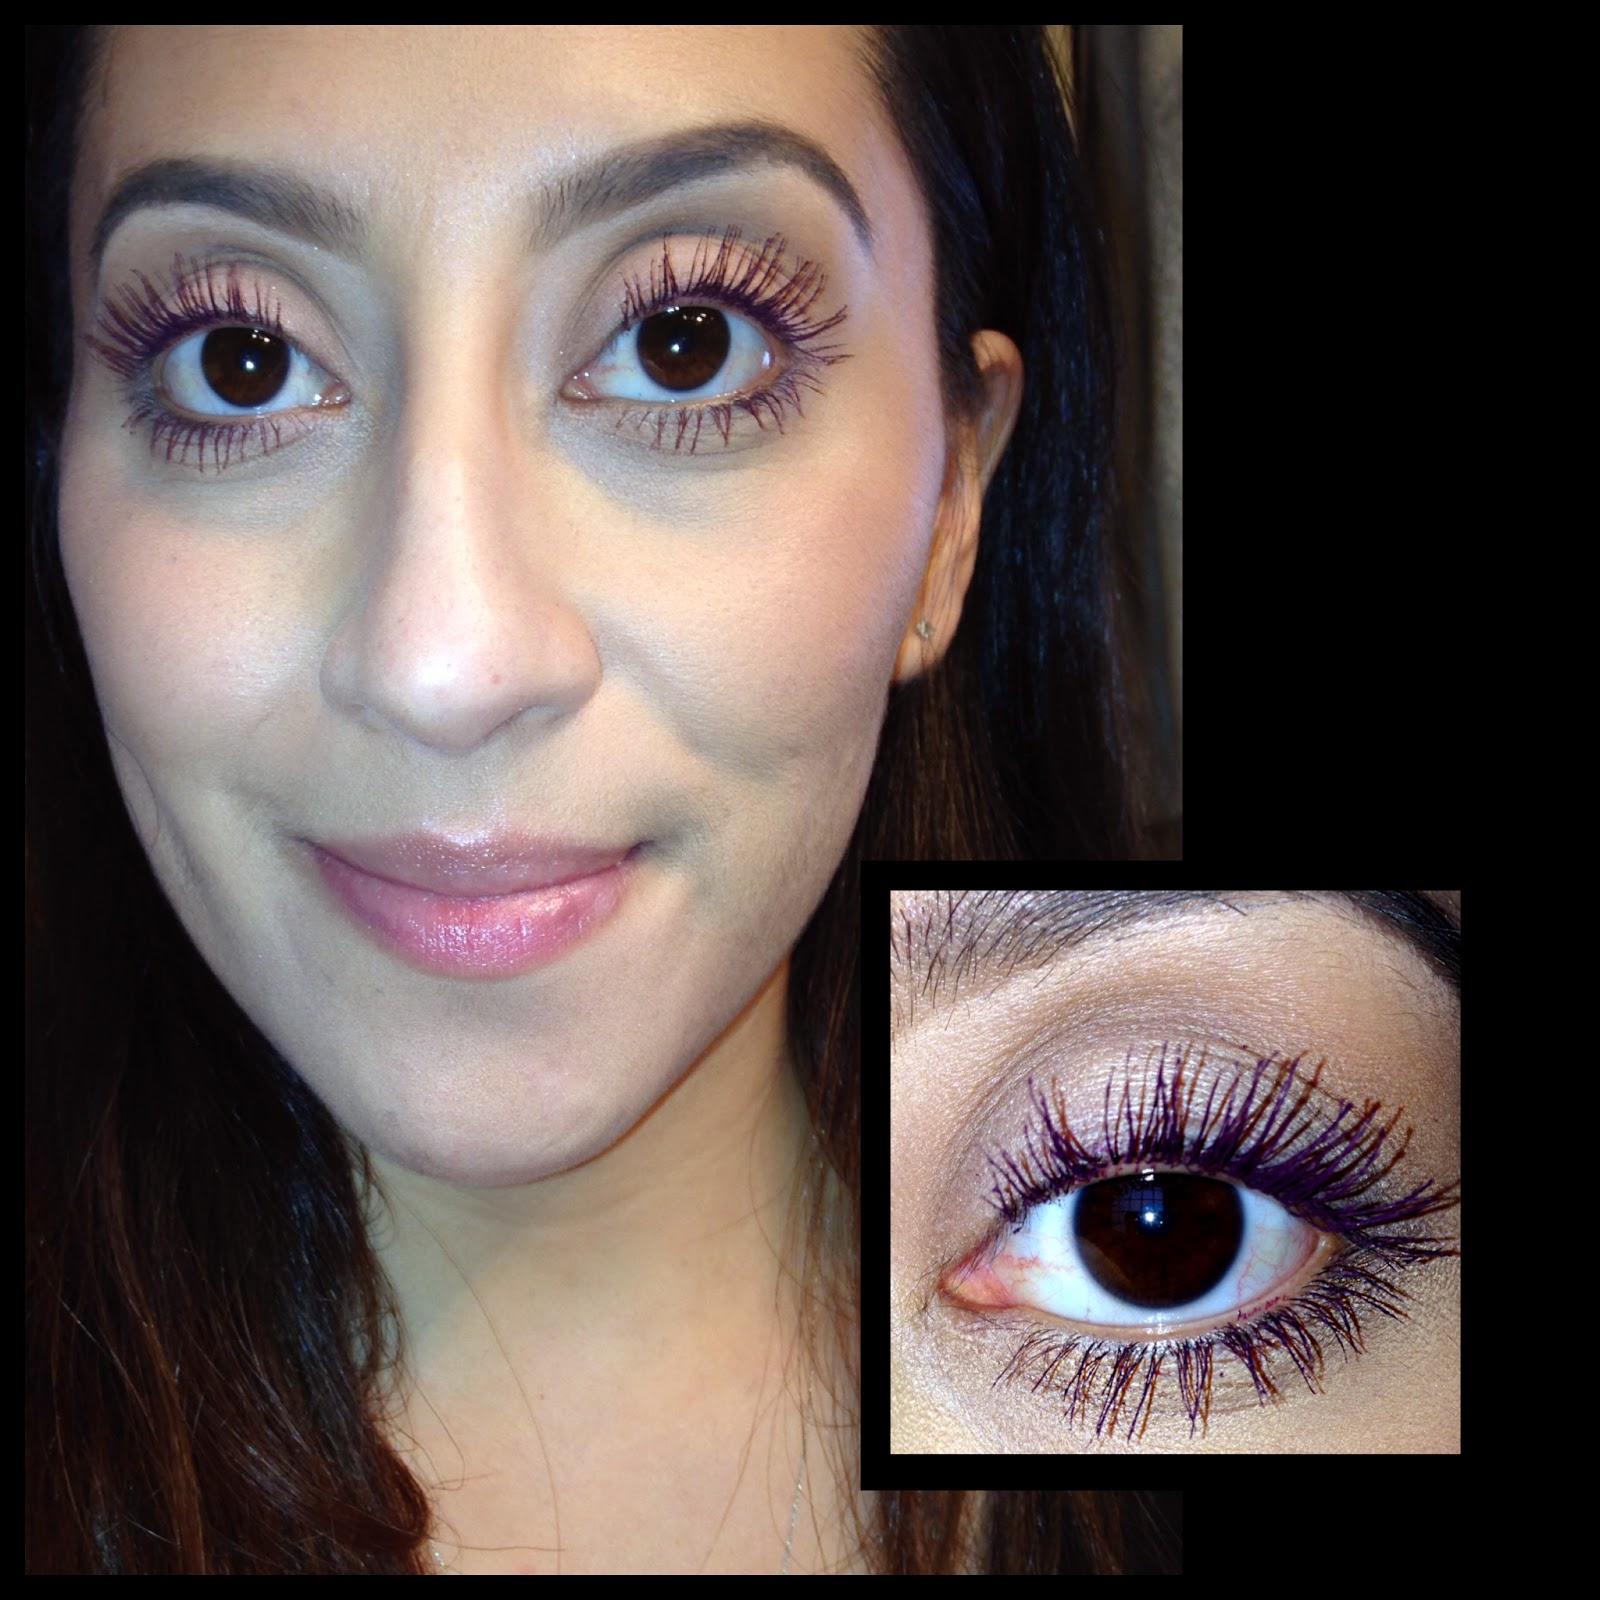 Flower beauty mascara intensif-eye in Black Cherry